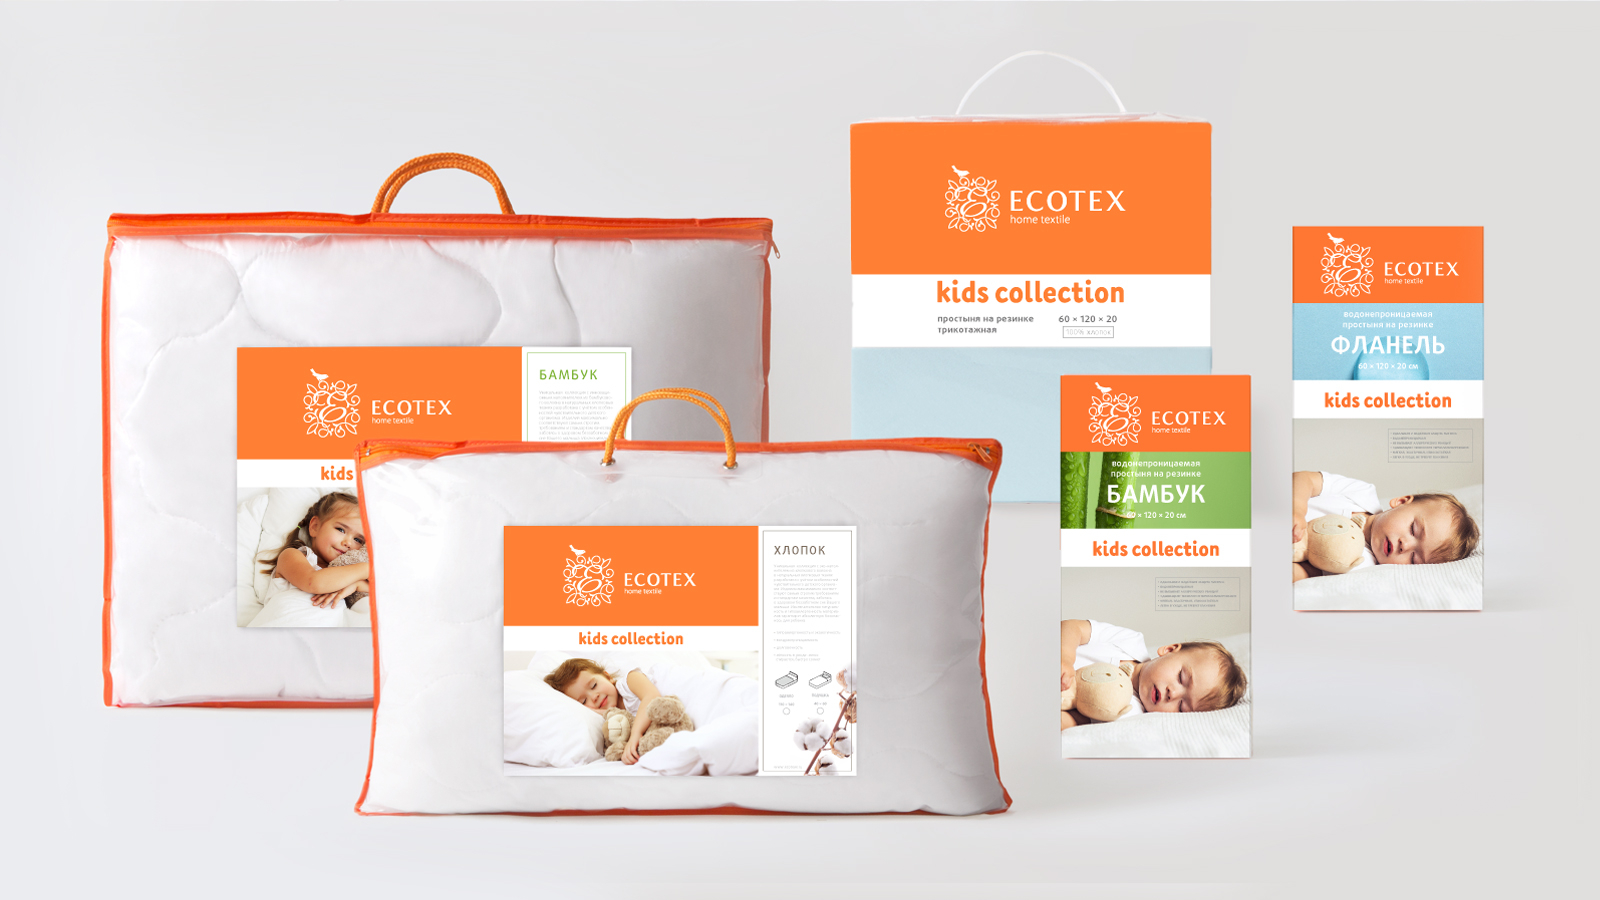 Дизайн этикетки новой линейки Kids Collection от Ecotex подчеркивает состав и формирует доверие к бренду